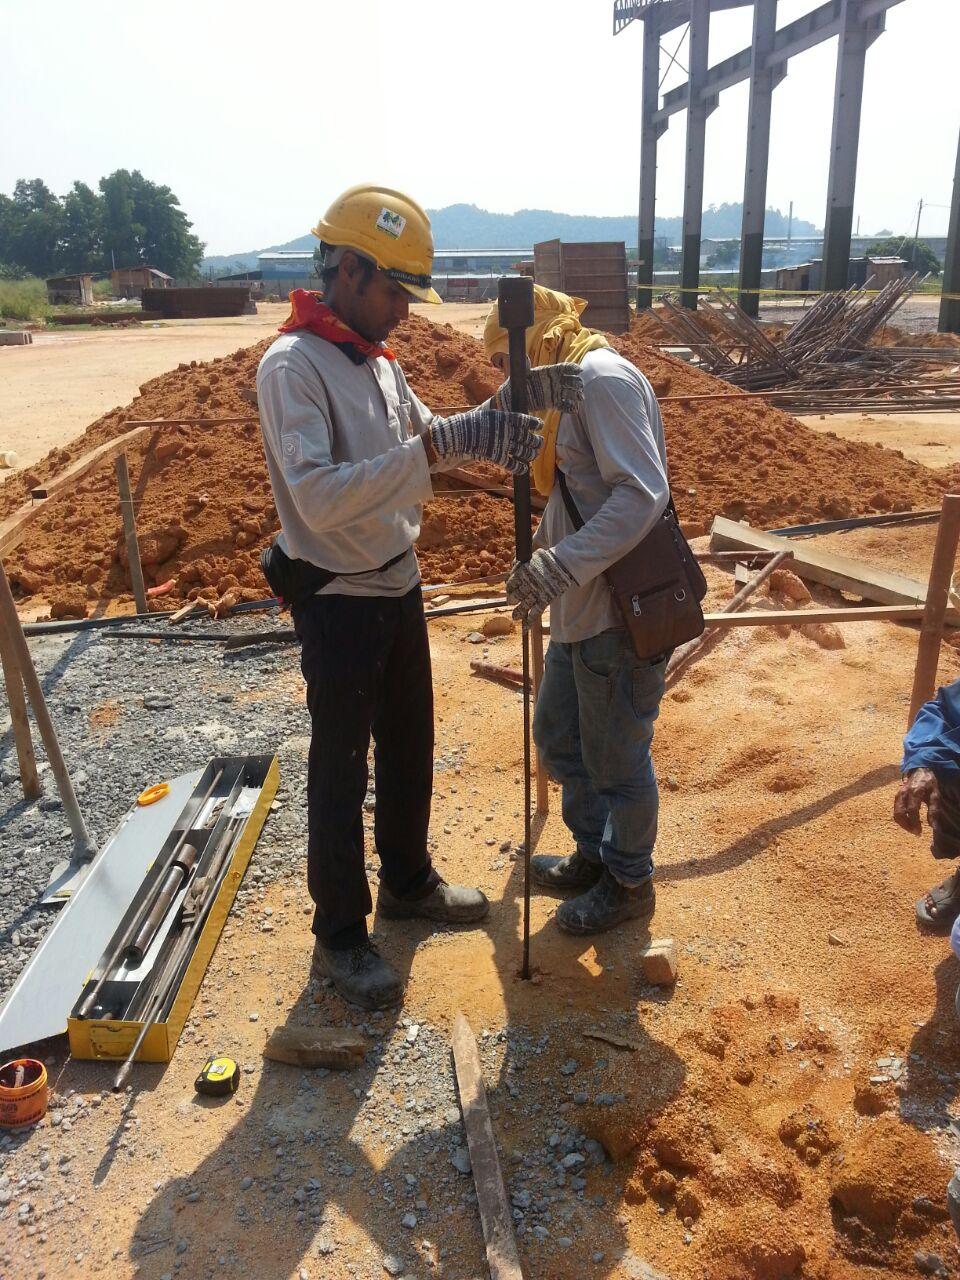 Sinctlab-We Care About Concrete-our services